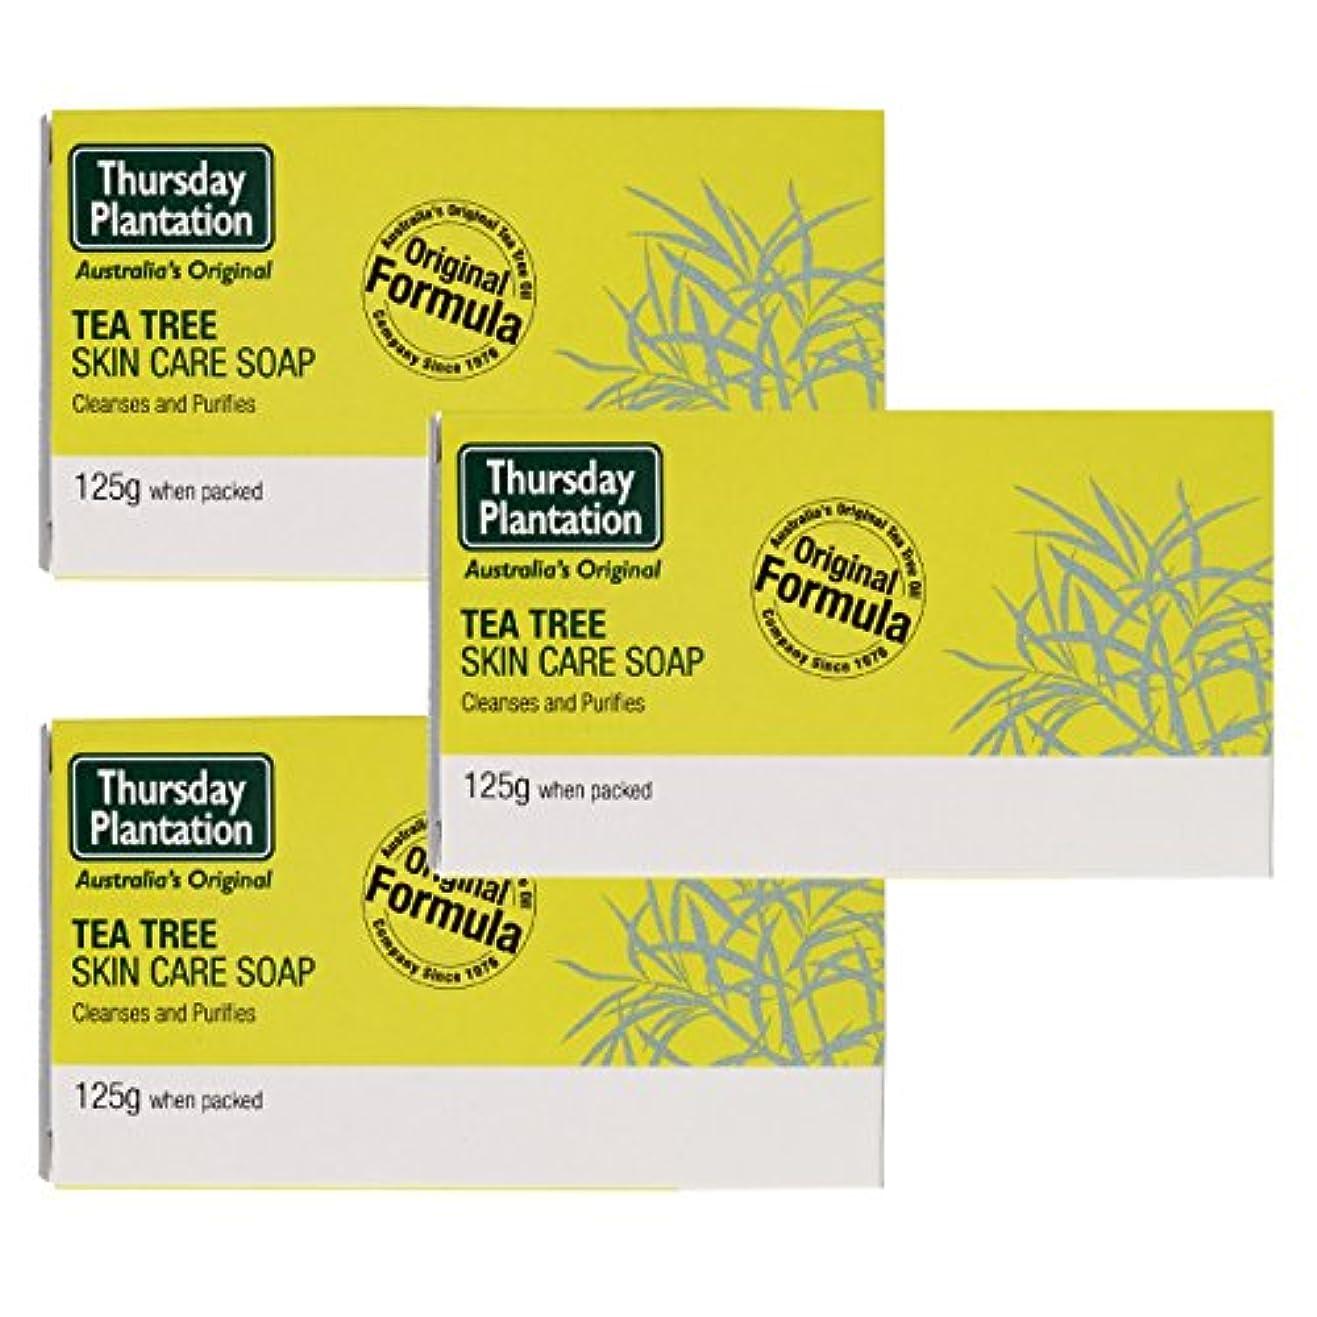 優れた平らな特権的ティーツリー スキンケア ソープ 125g x3 Thursday Plantation Tea Tree Skin Care Soap [並行輸入品]